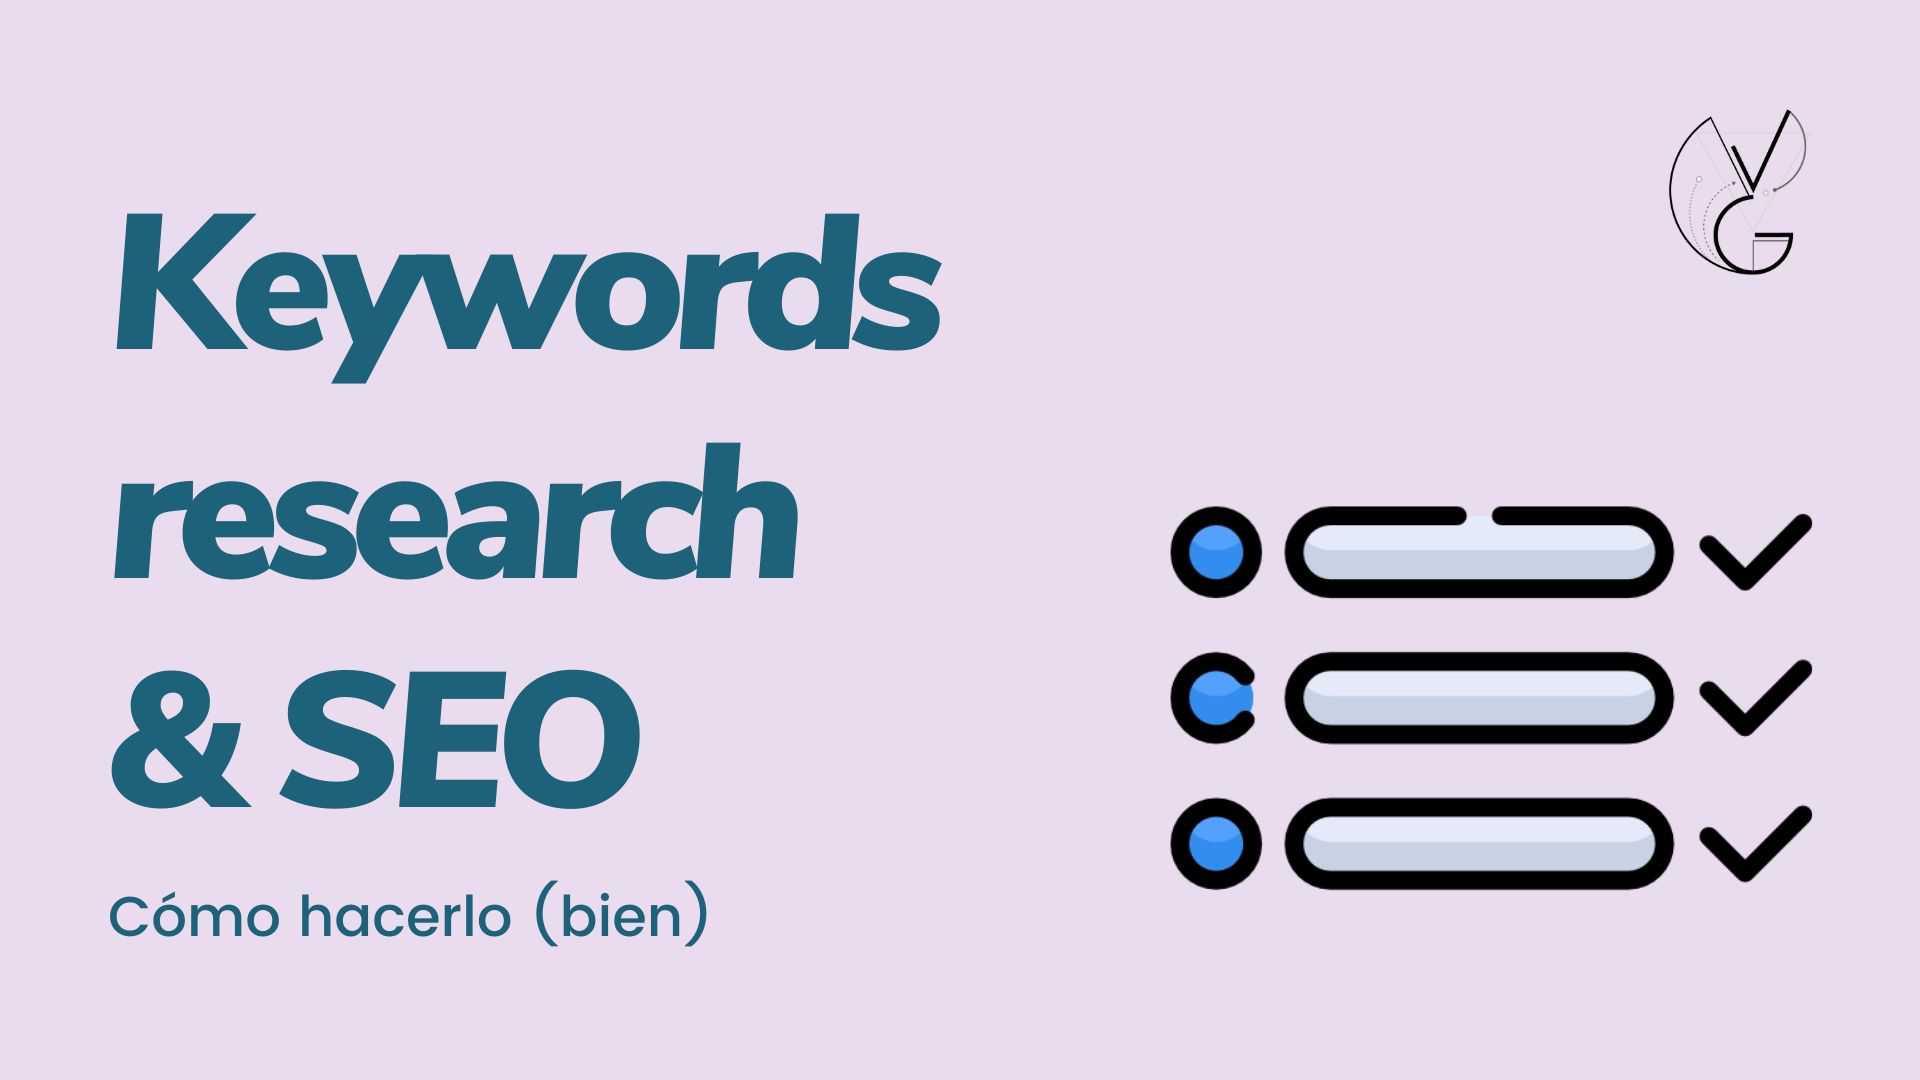 keywords research para seo como hacerlo bien oficial